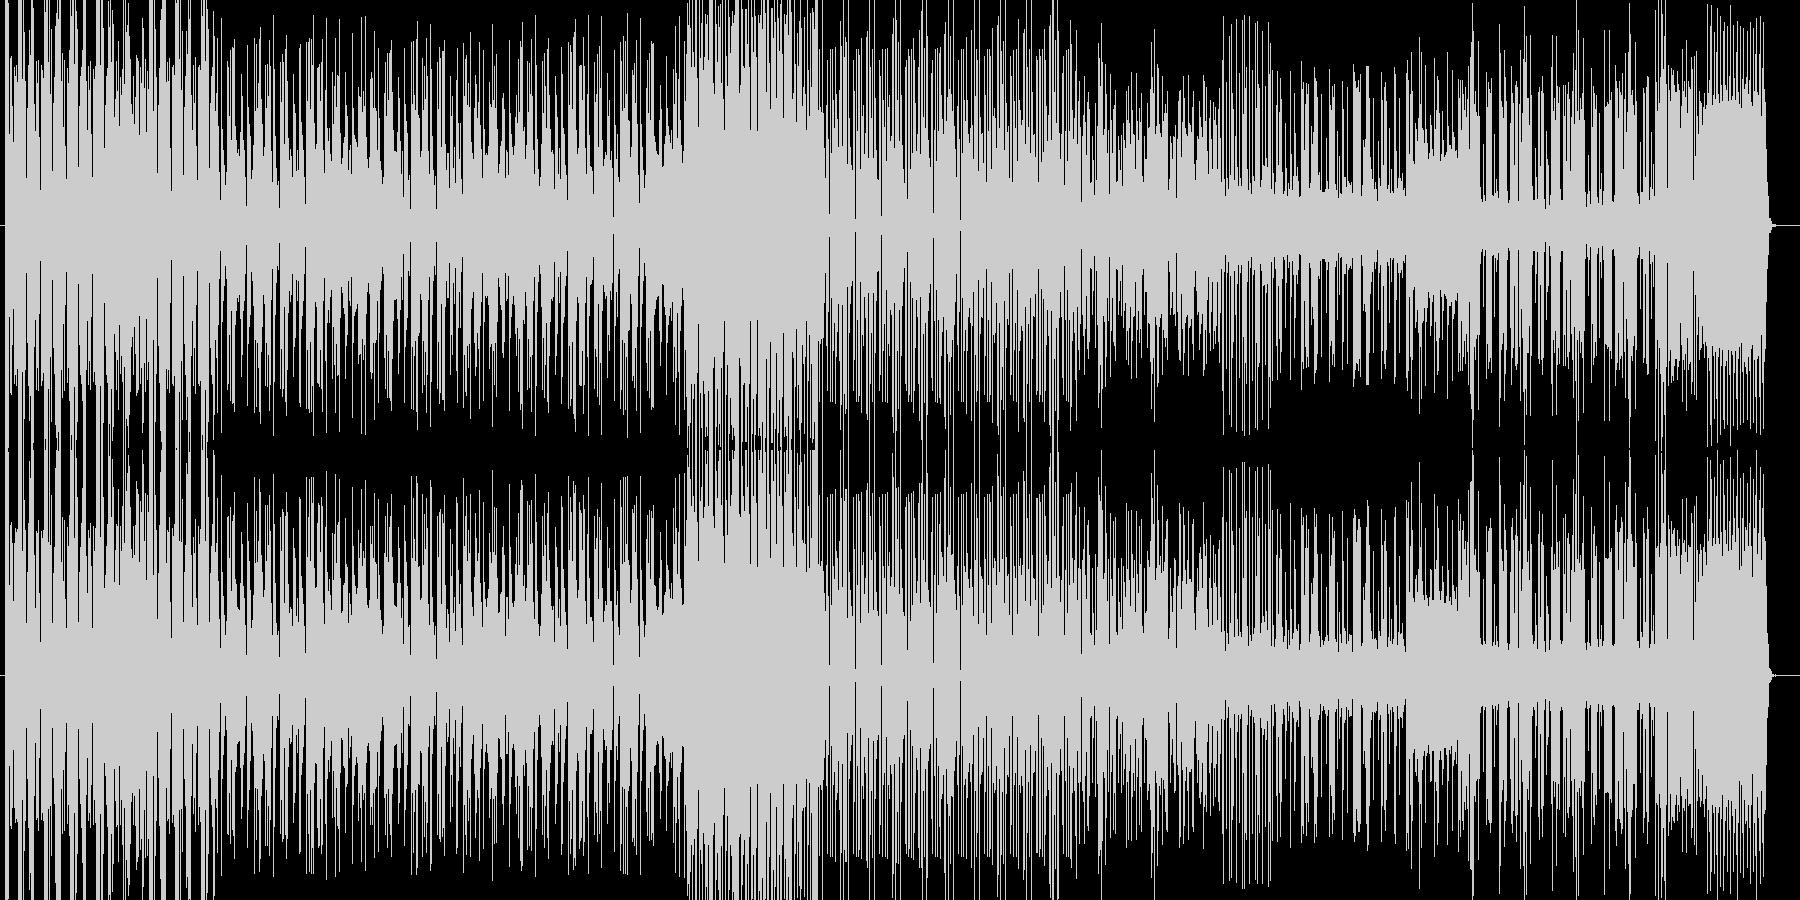 効果音の入った音源でエレクトロな曲です。の未再生の波形